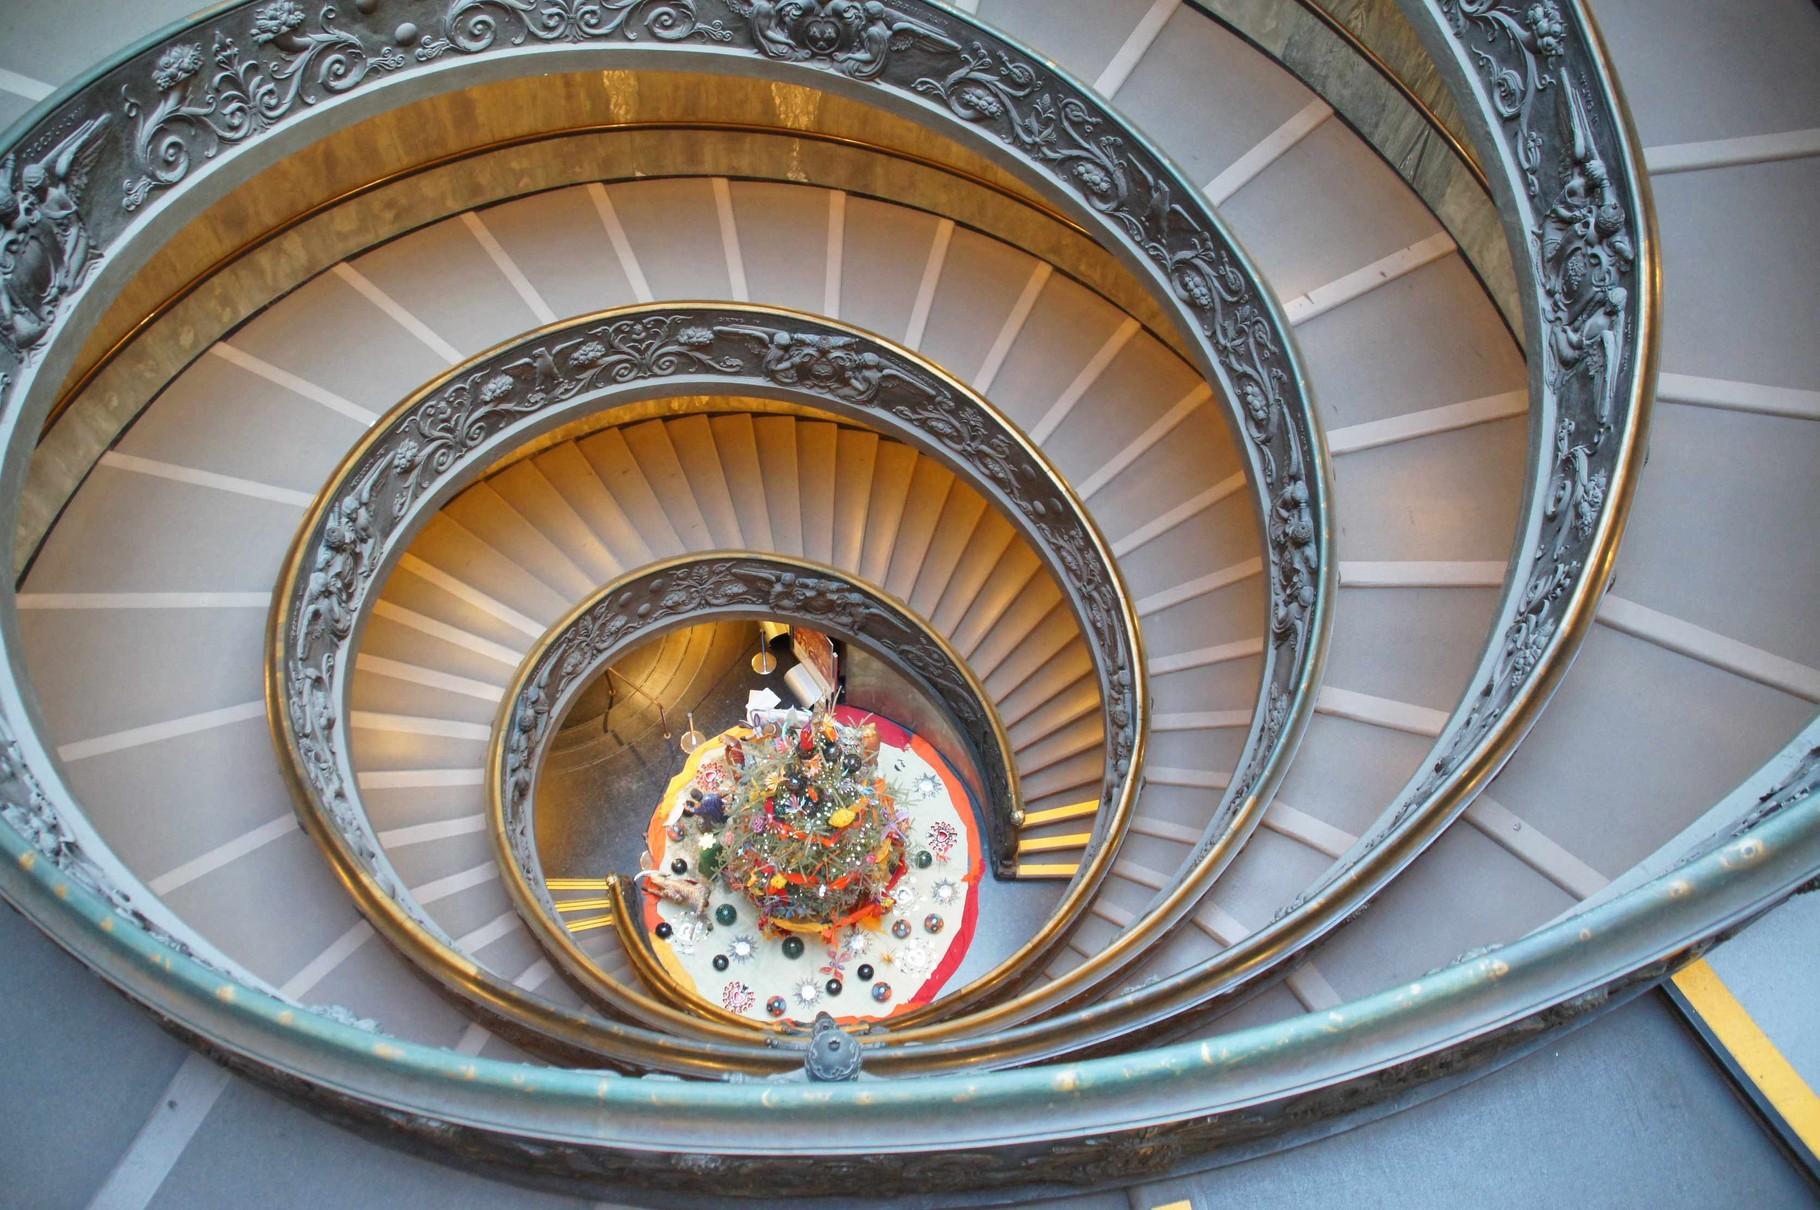 Bramanantes doppelläufige Spiraltreppe in den Vatikanischen Museen